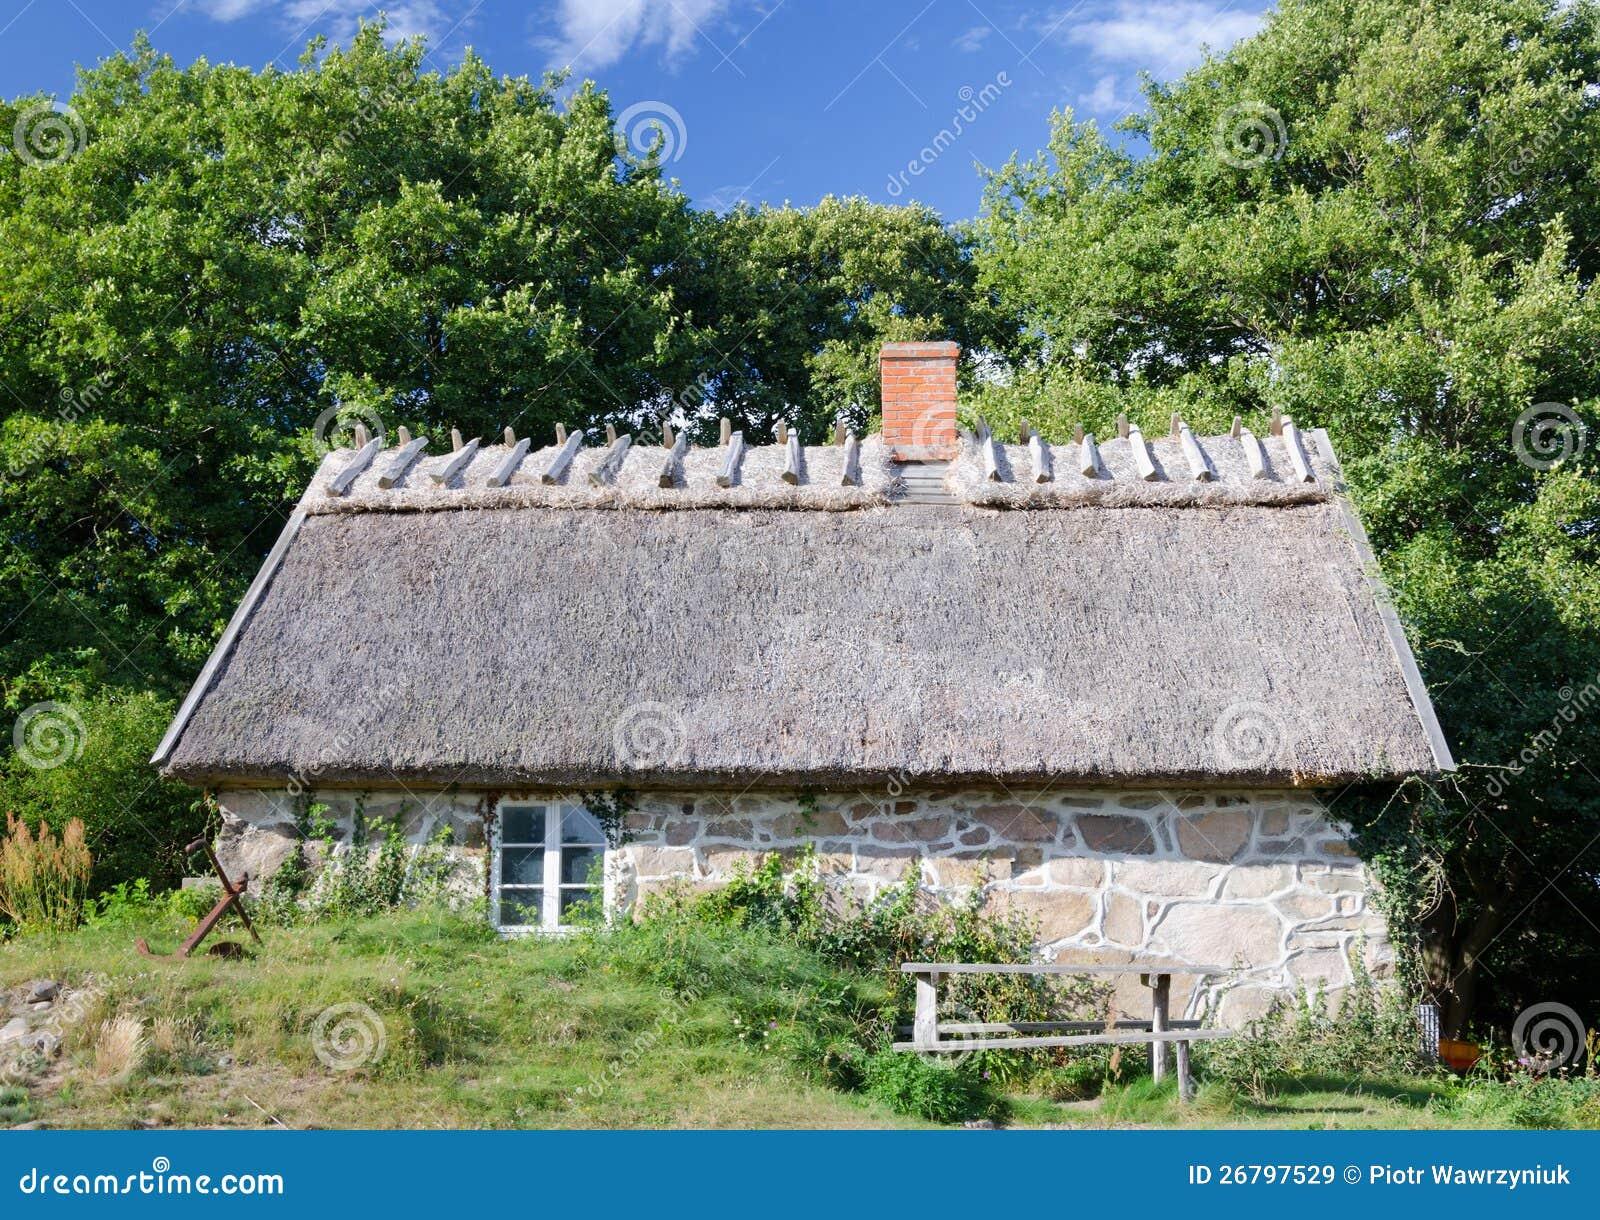 Oud gestileerd zweeds huis royalty vrije stock afbeeldingen afbeelding 26797529 - Oud huis ...